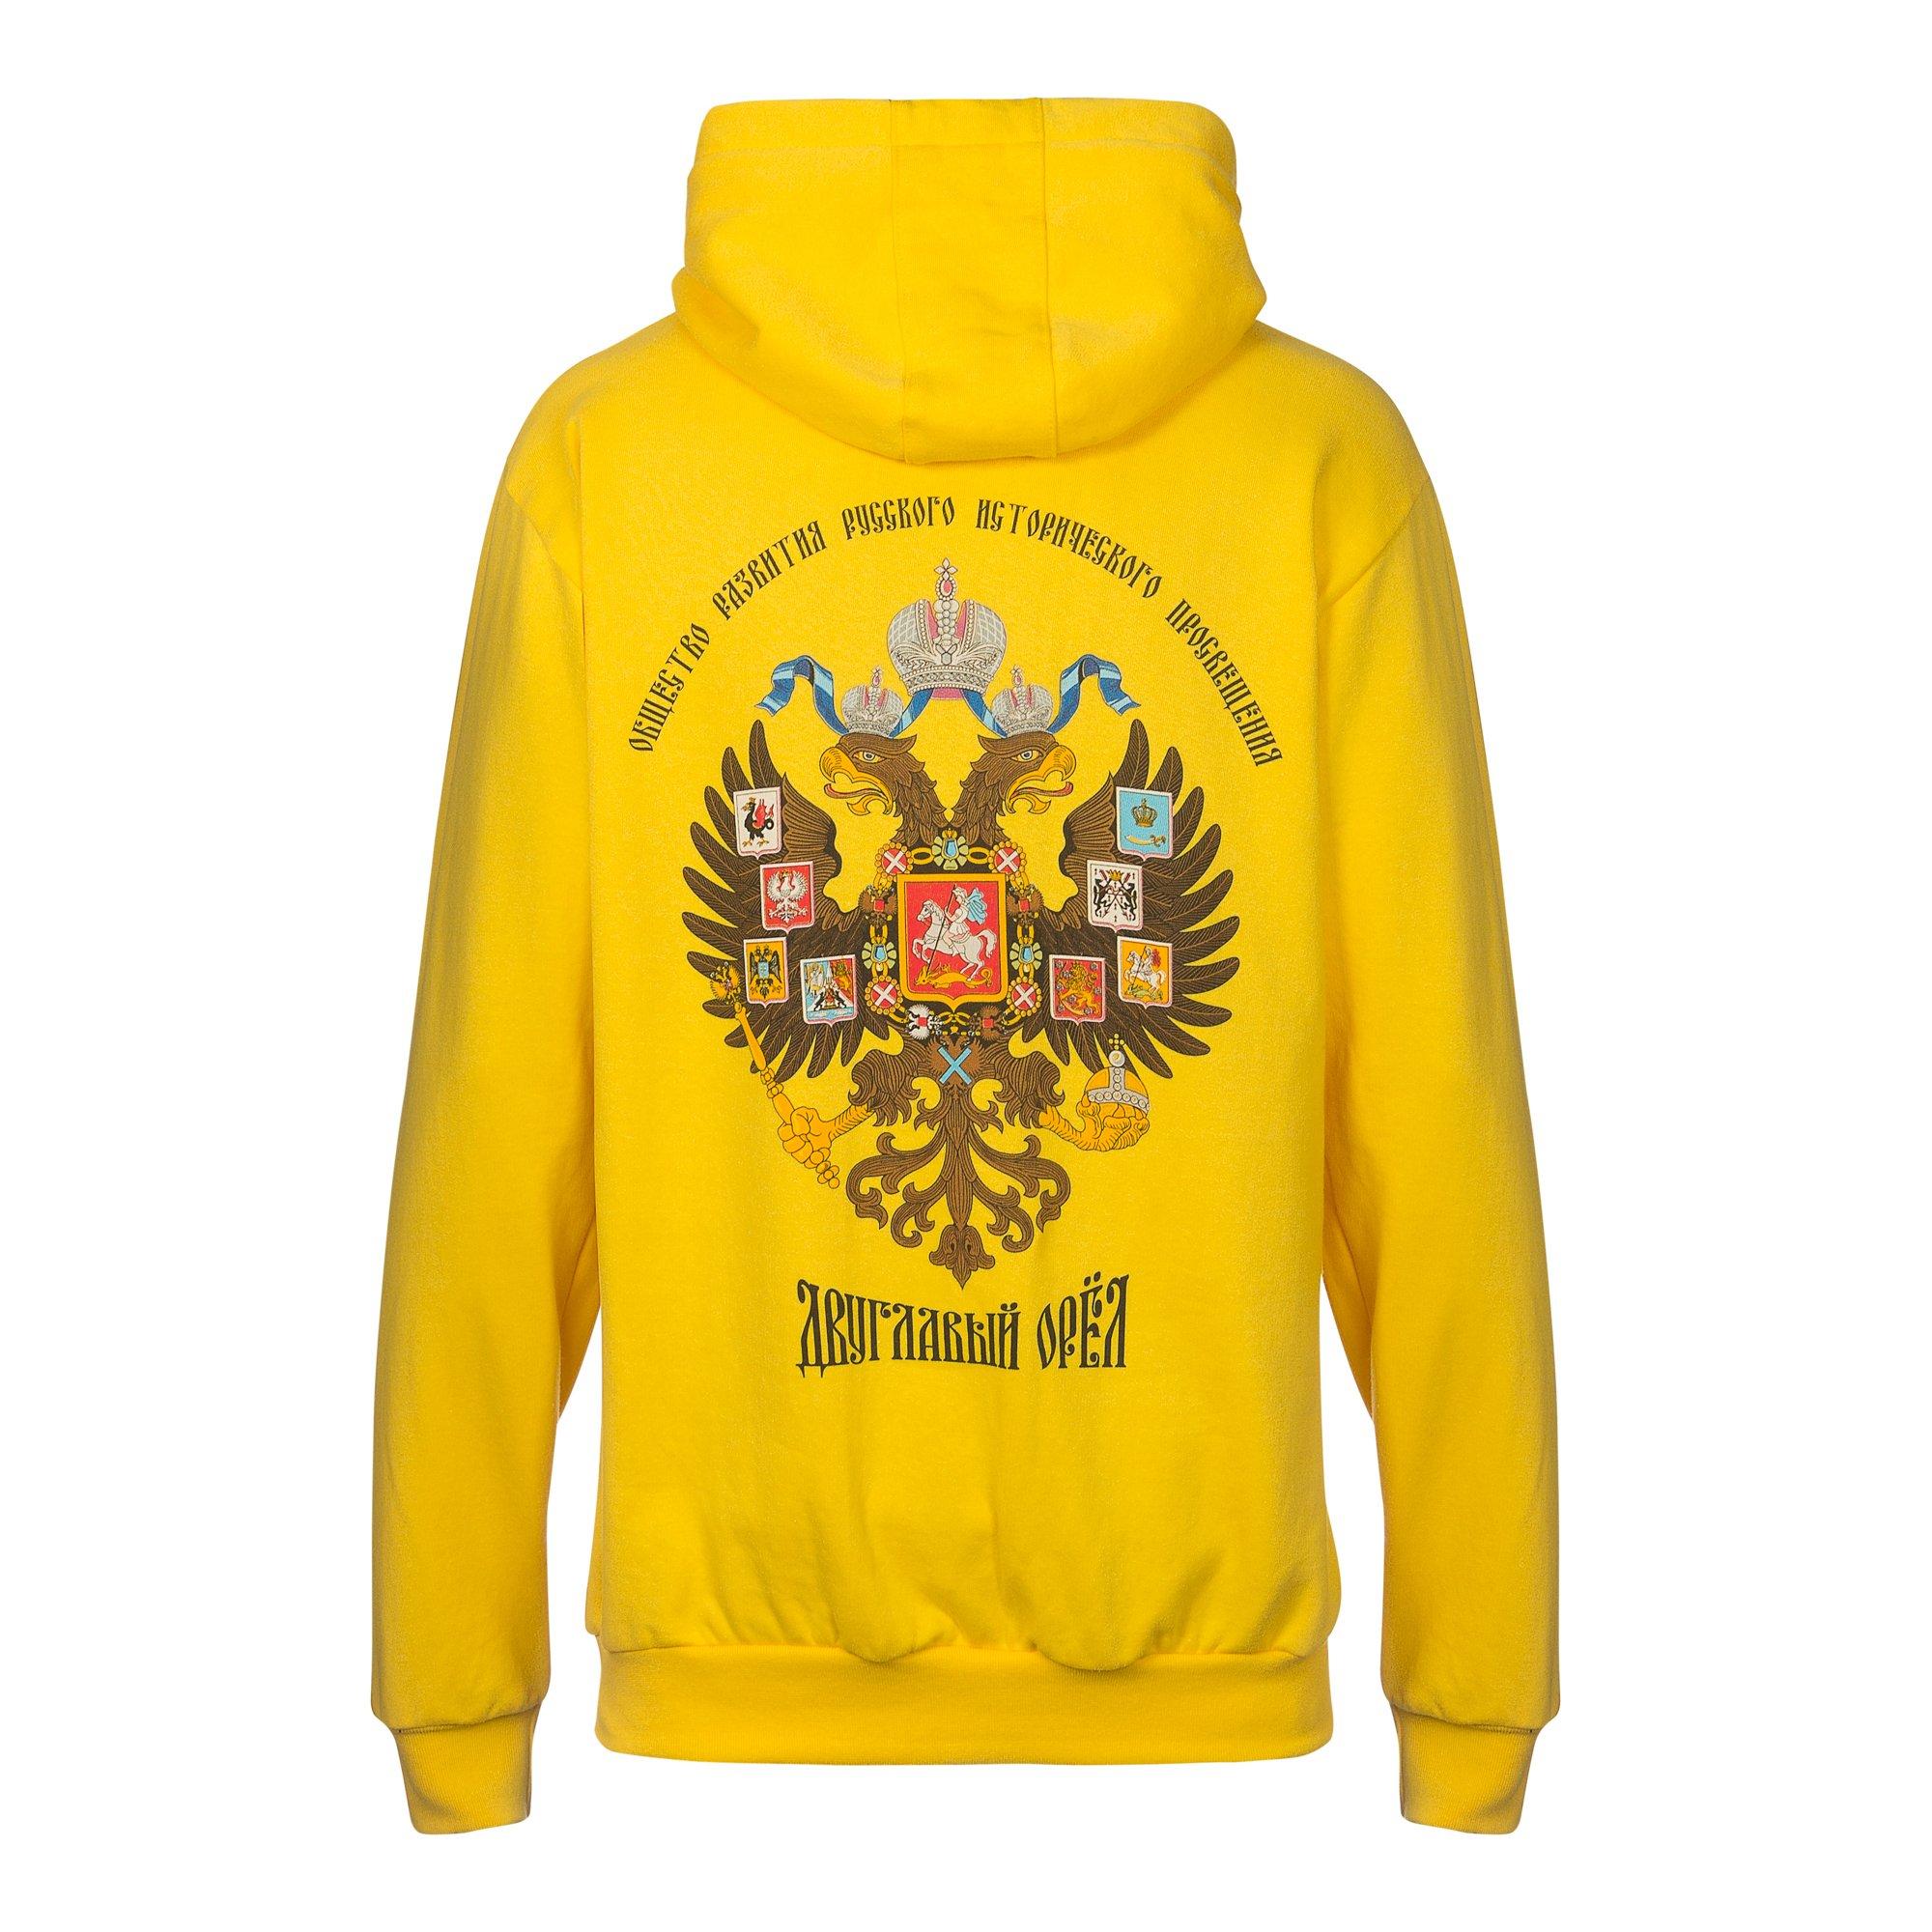 Печать на одежде в Москве